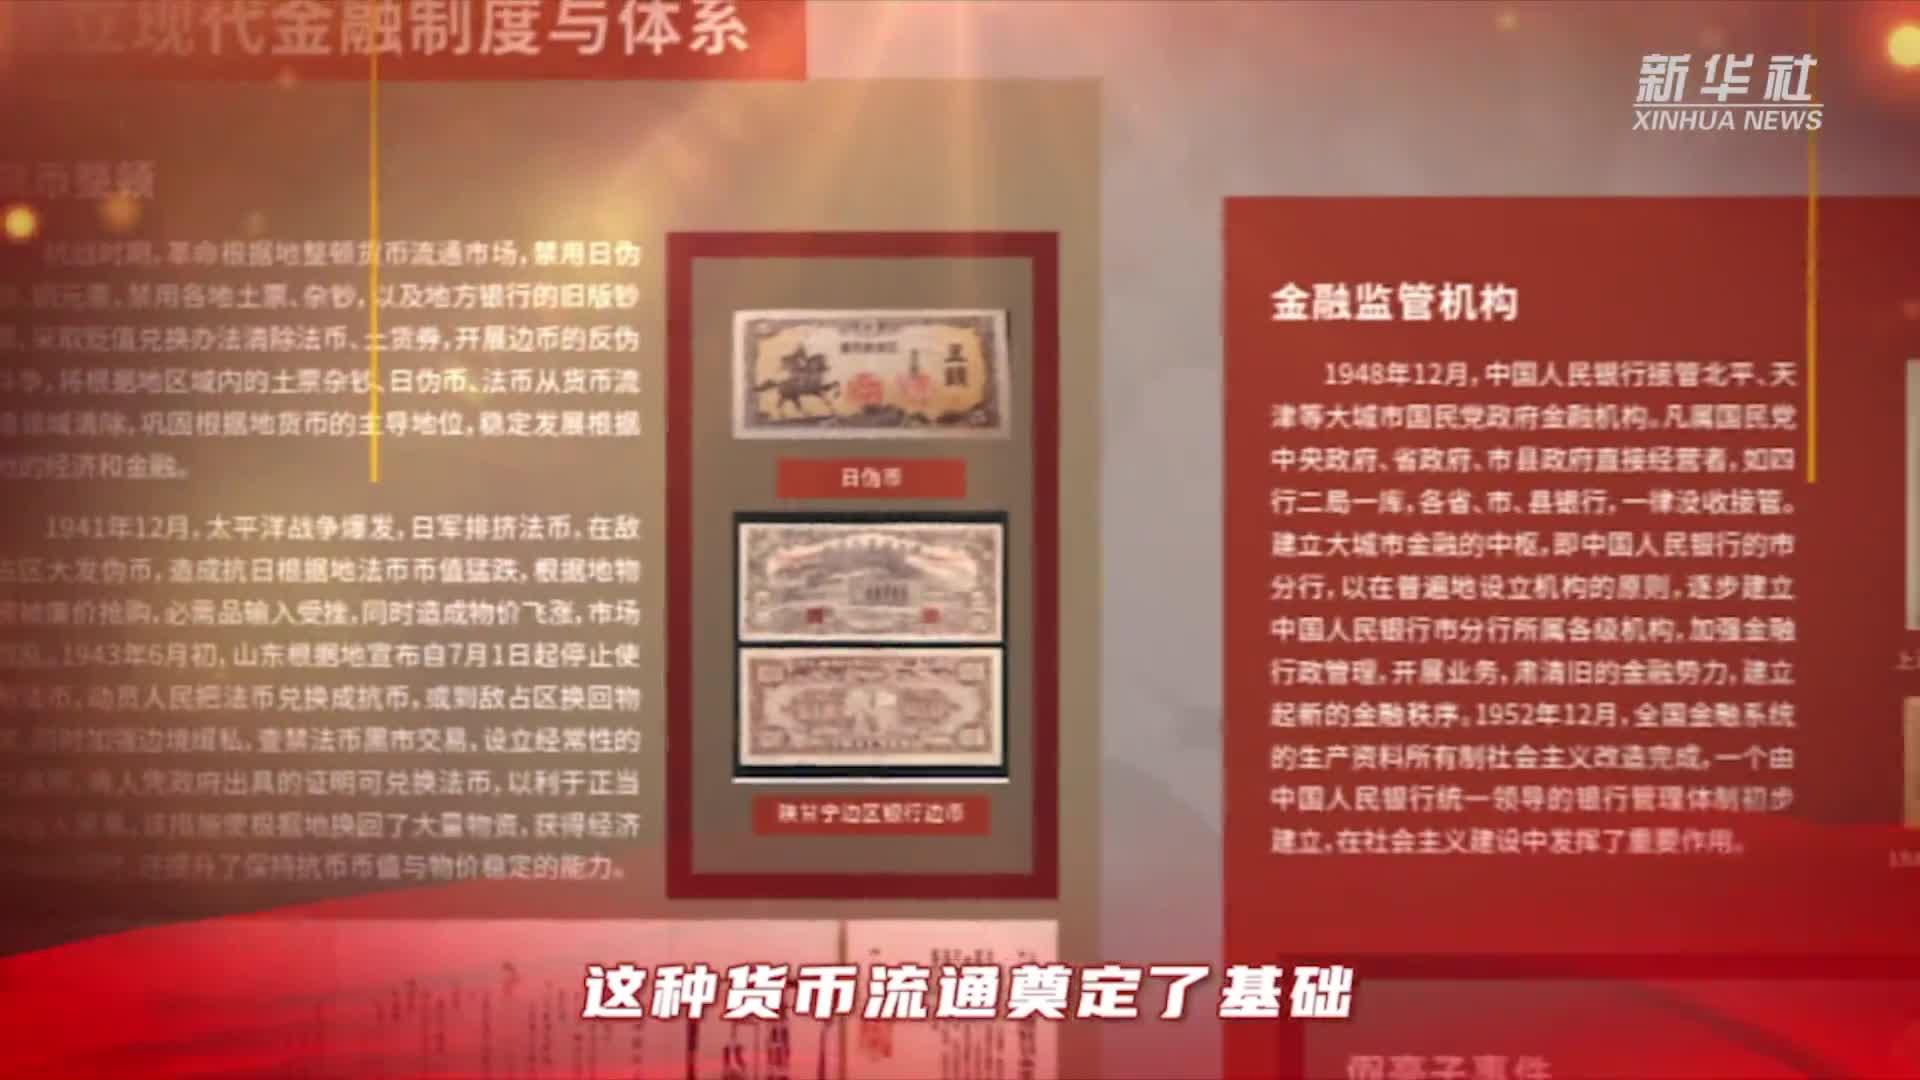 红色金融·井冈山 井冈山革命斗争时期如何让老百姓认和用我们的银元呢?